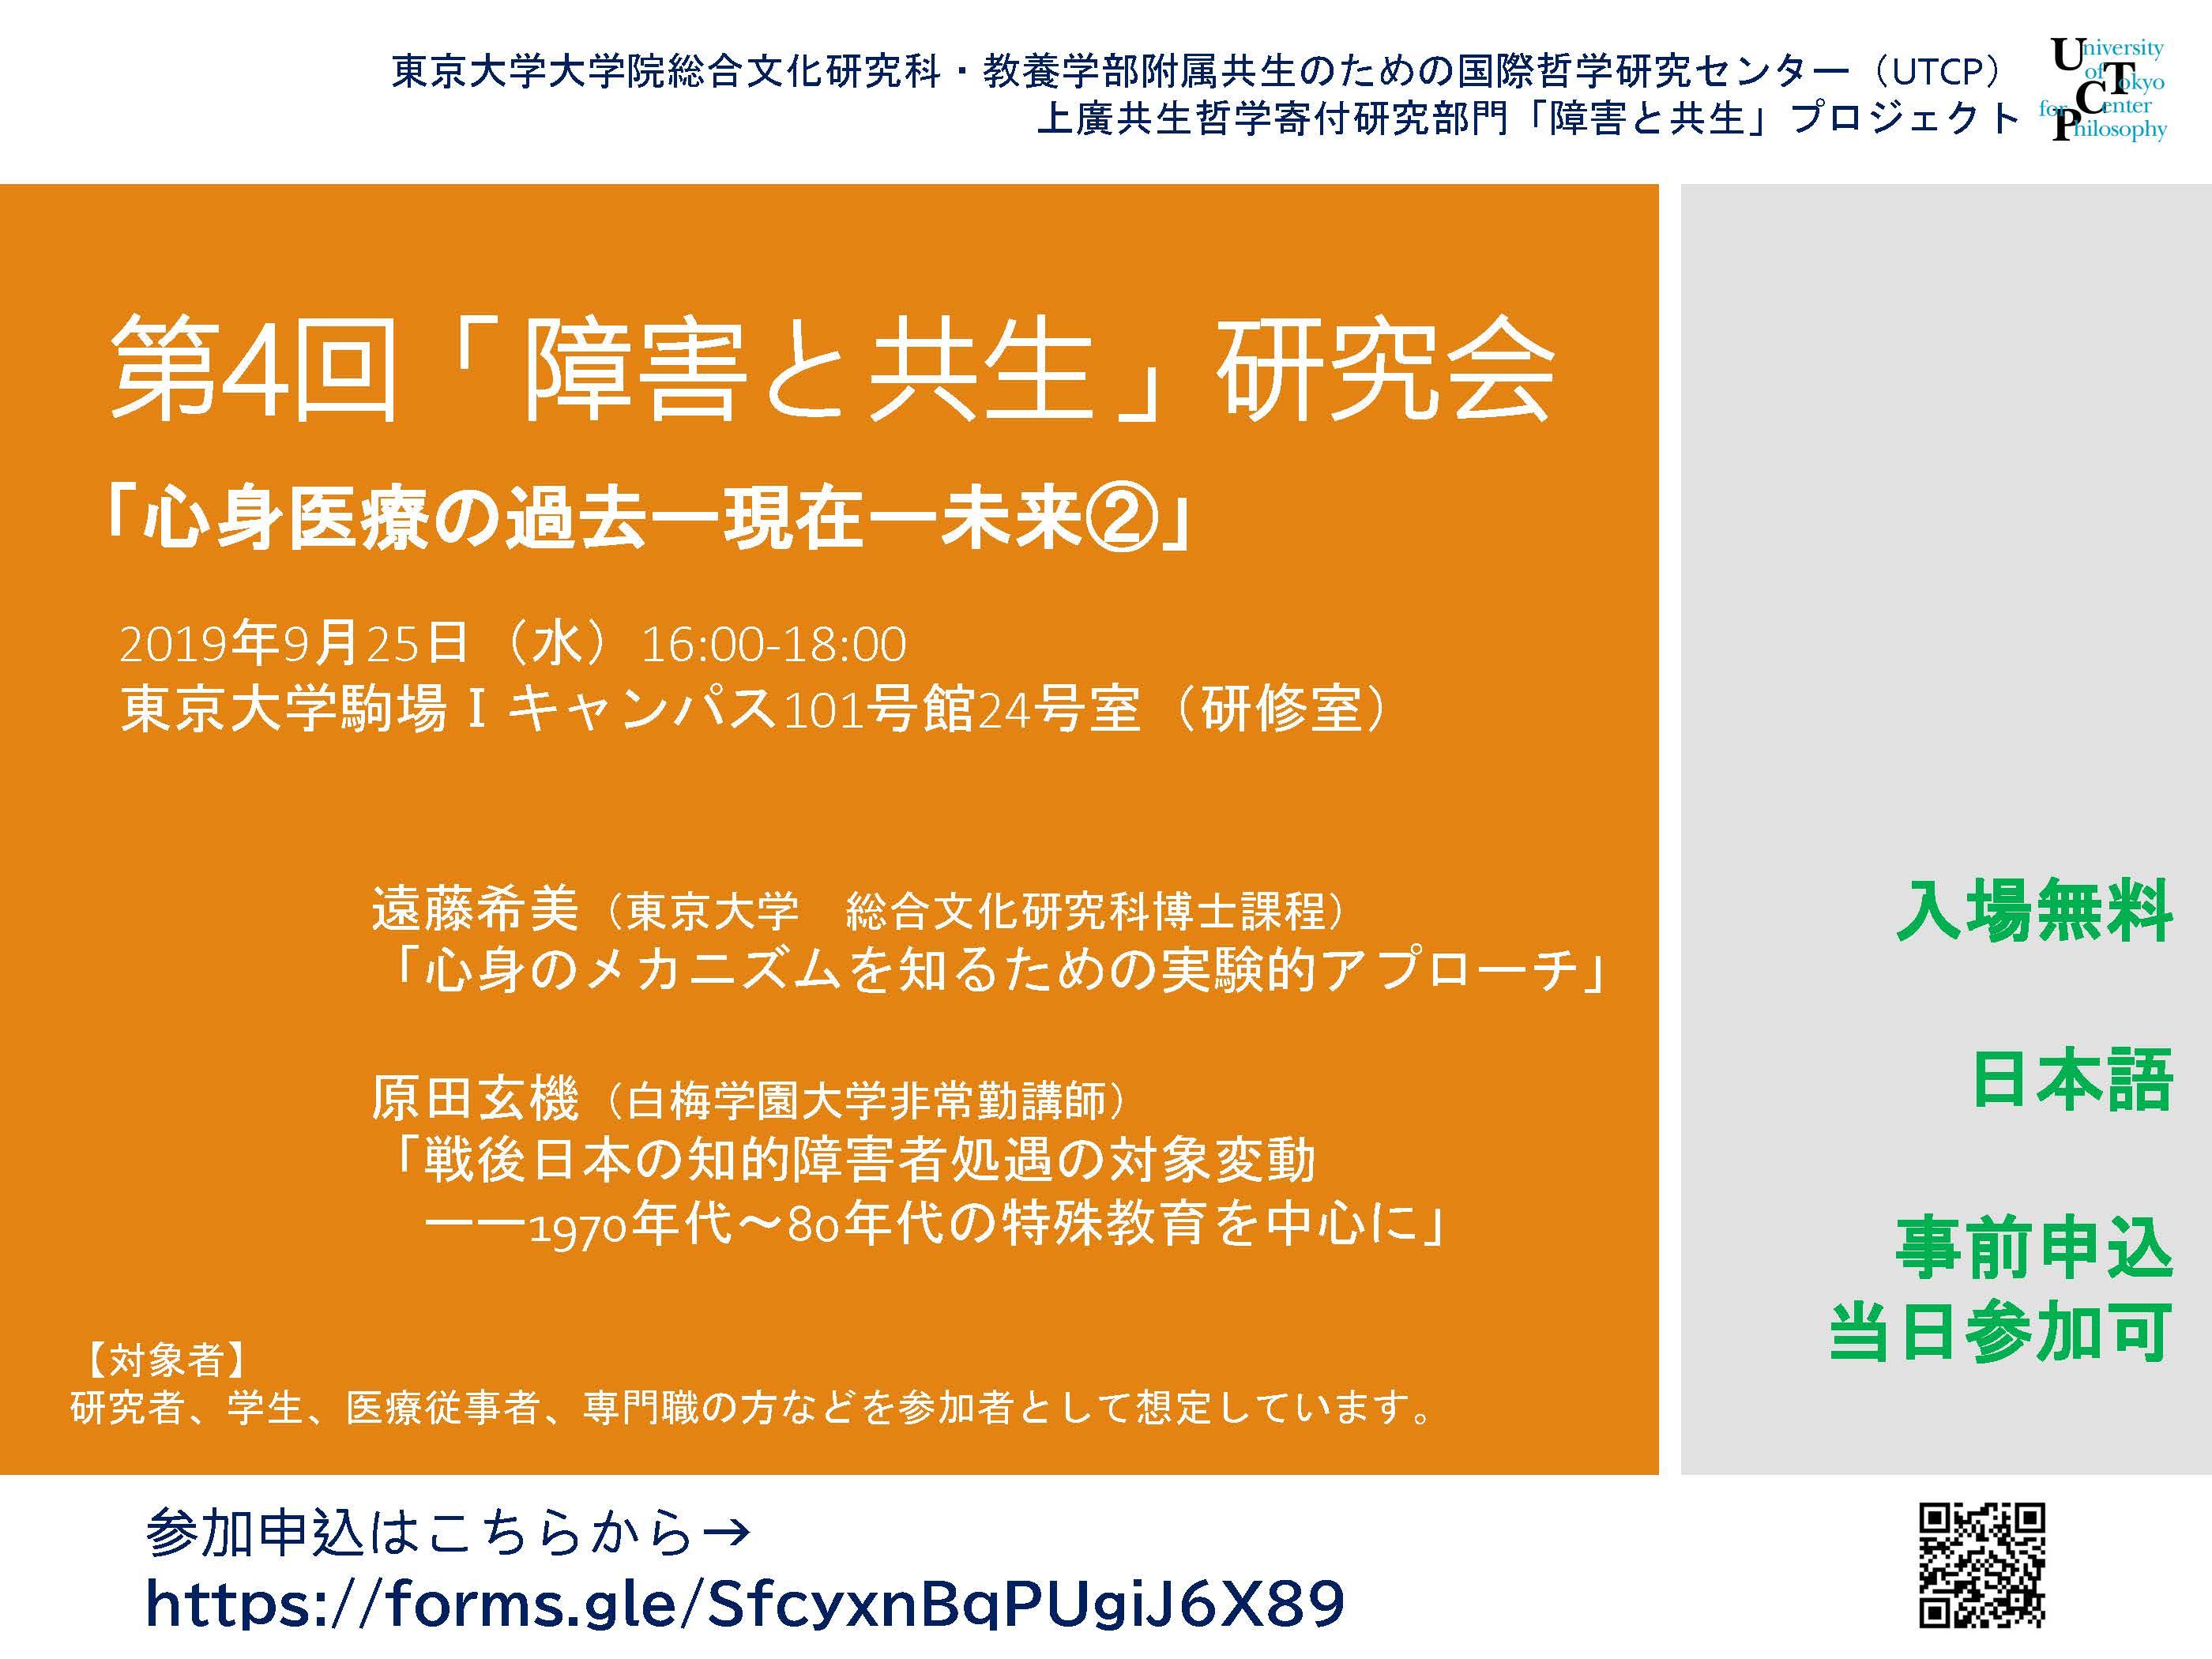 jpg20190925_disabilityandcoexistence_poster.jpg